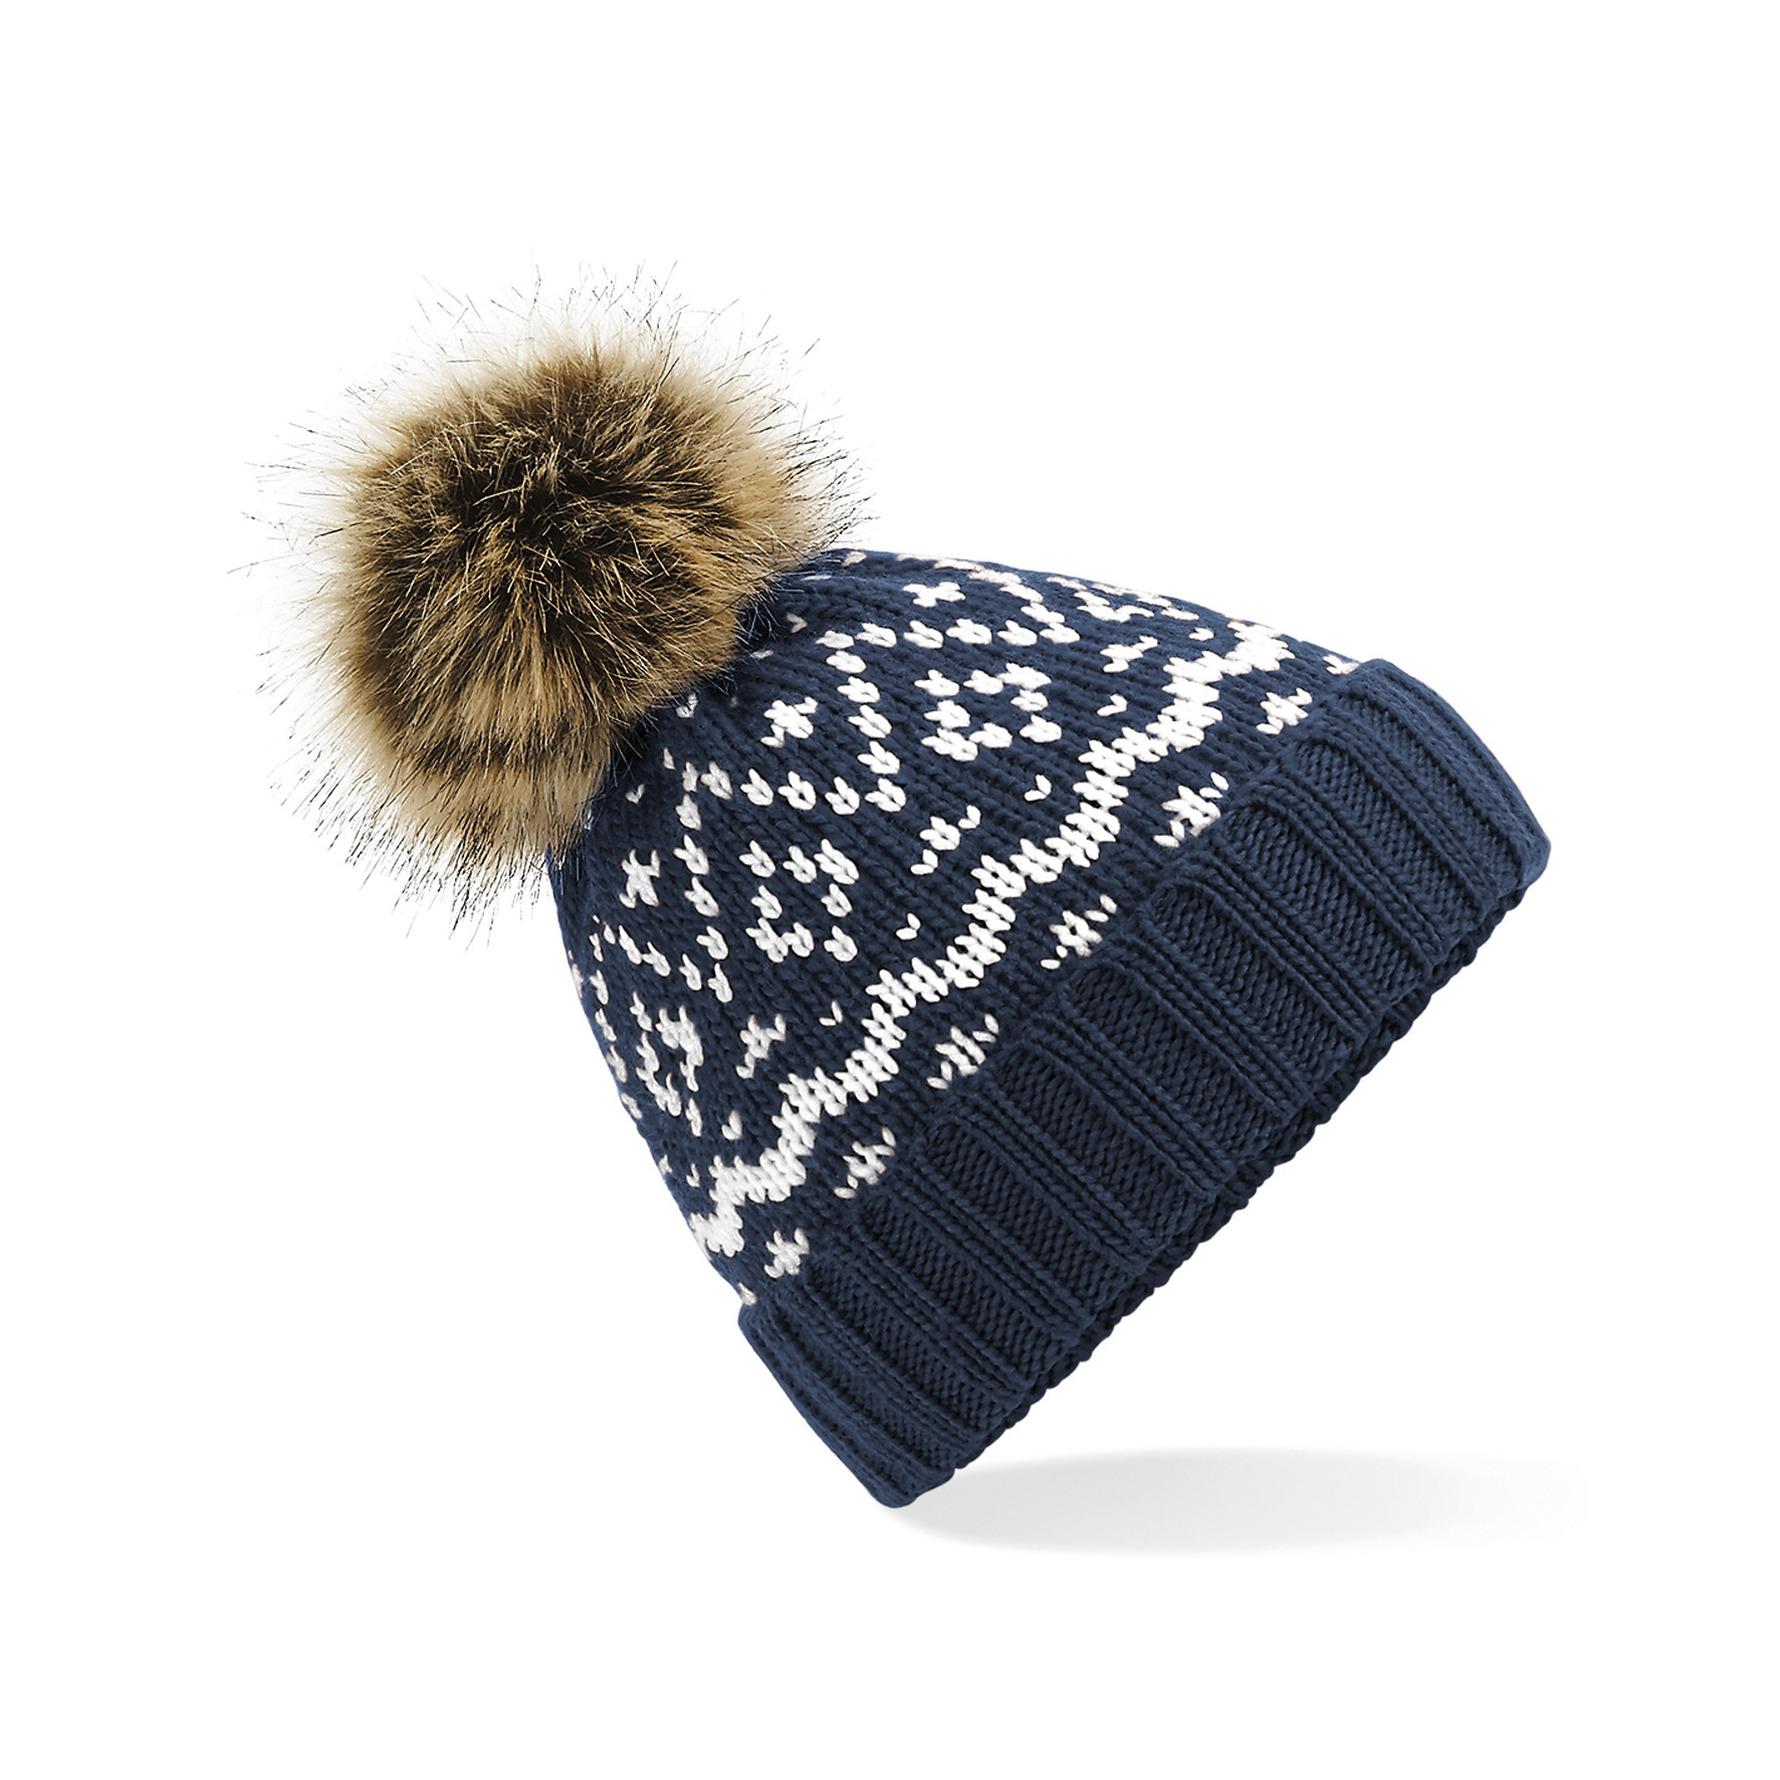 Luxe wintermuts met pom pom navy blauw